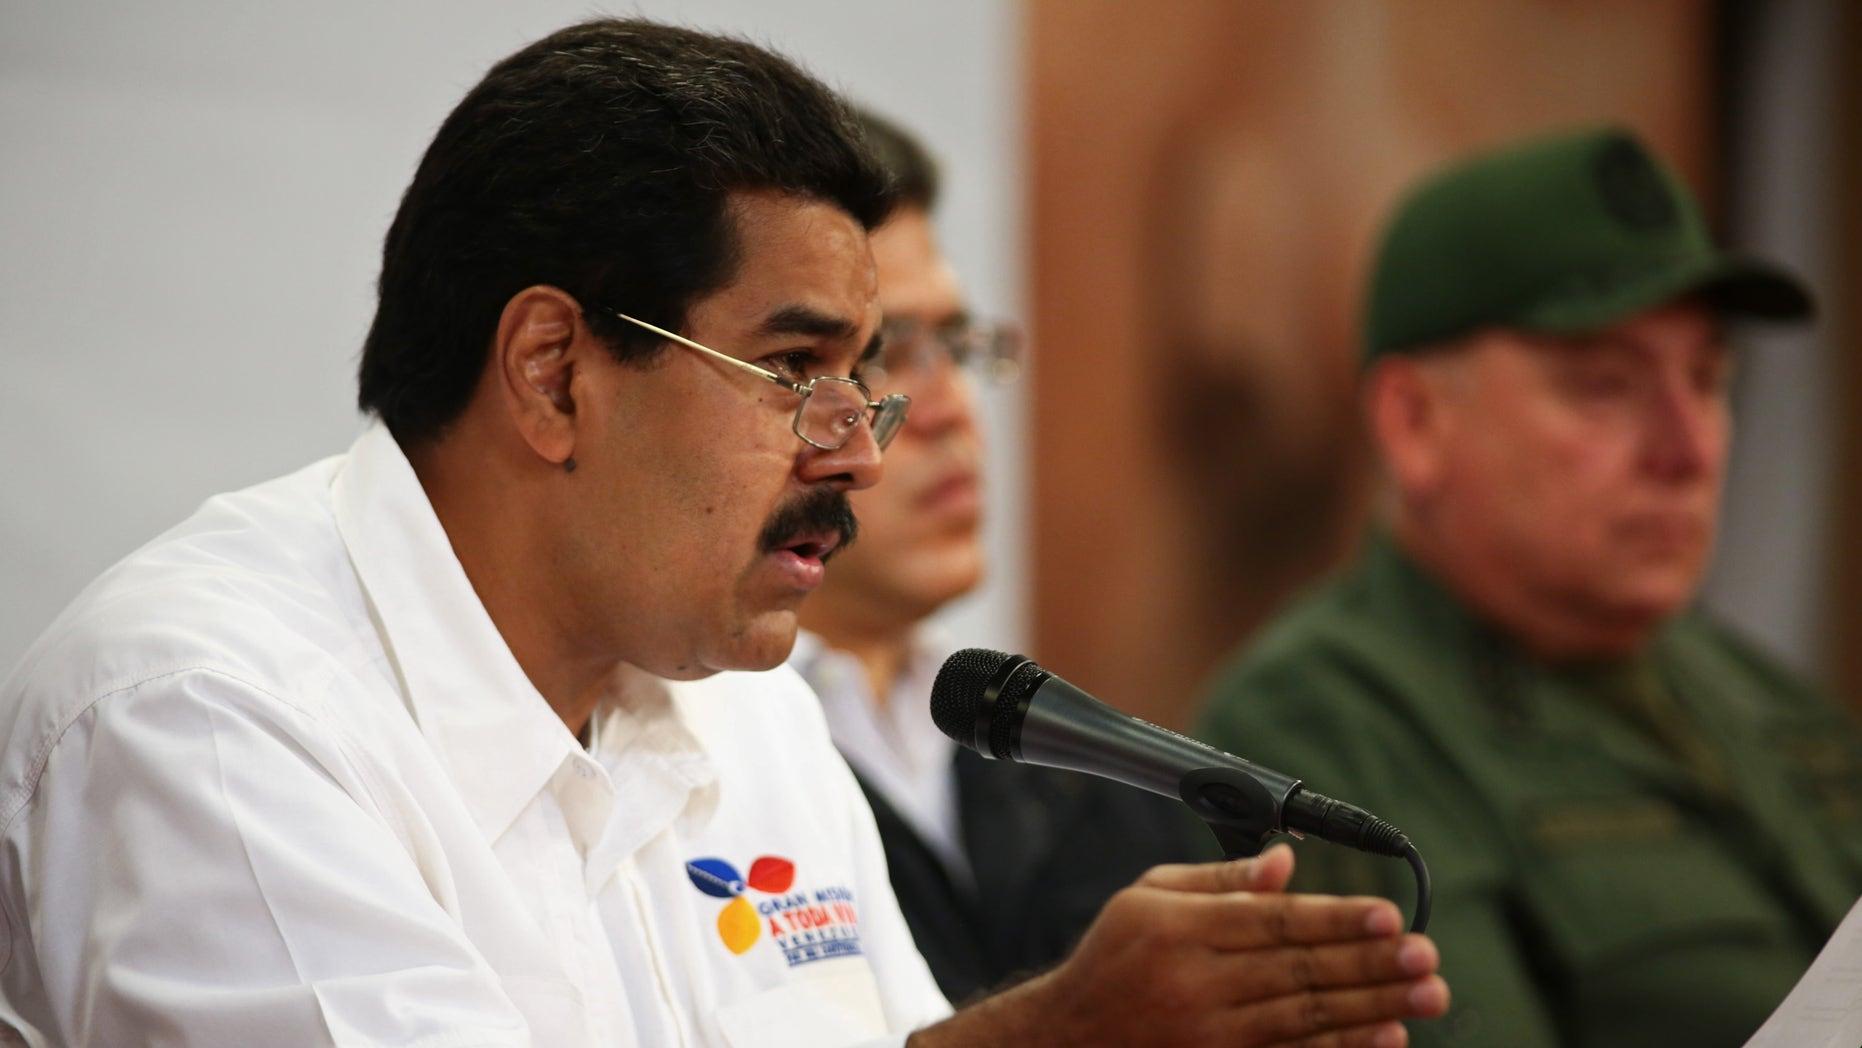 En la foto suministrada por el gobierno venezolano, el vicepresidente Nicolás Maduro informa sobre la salud del presidente Hugo Chávez y comunica que expulsaron a dos agregados militares de Estados Unidos acusándolos de conspiración en Caracas, Venezuela, el martes 5 de marzo de 2013. Maduro anunció horas después la muerte de Chávez debido al cáncer que padecía desde 2011.(AP foto/Miraflores. Oficina de prensa de la presidencia)